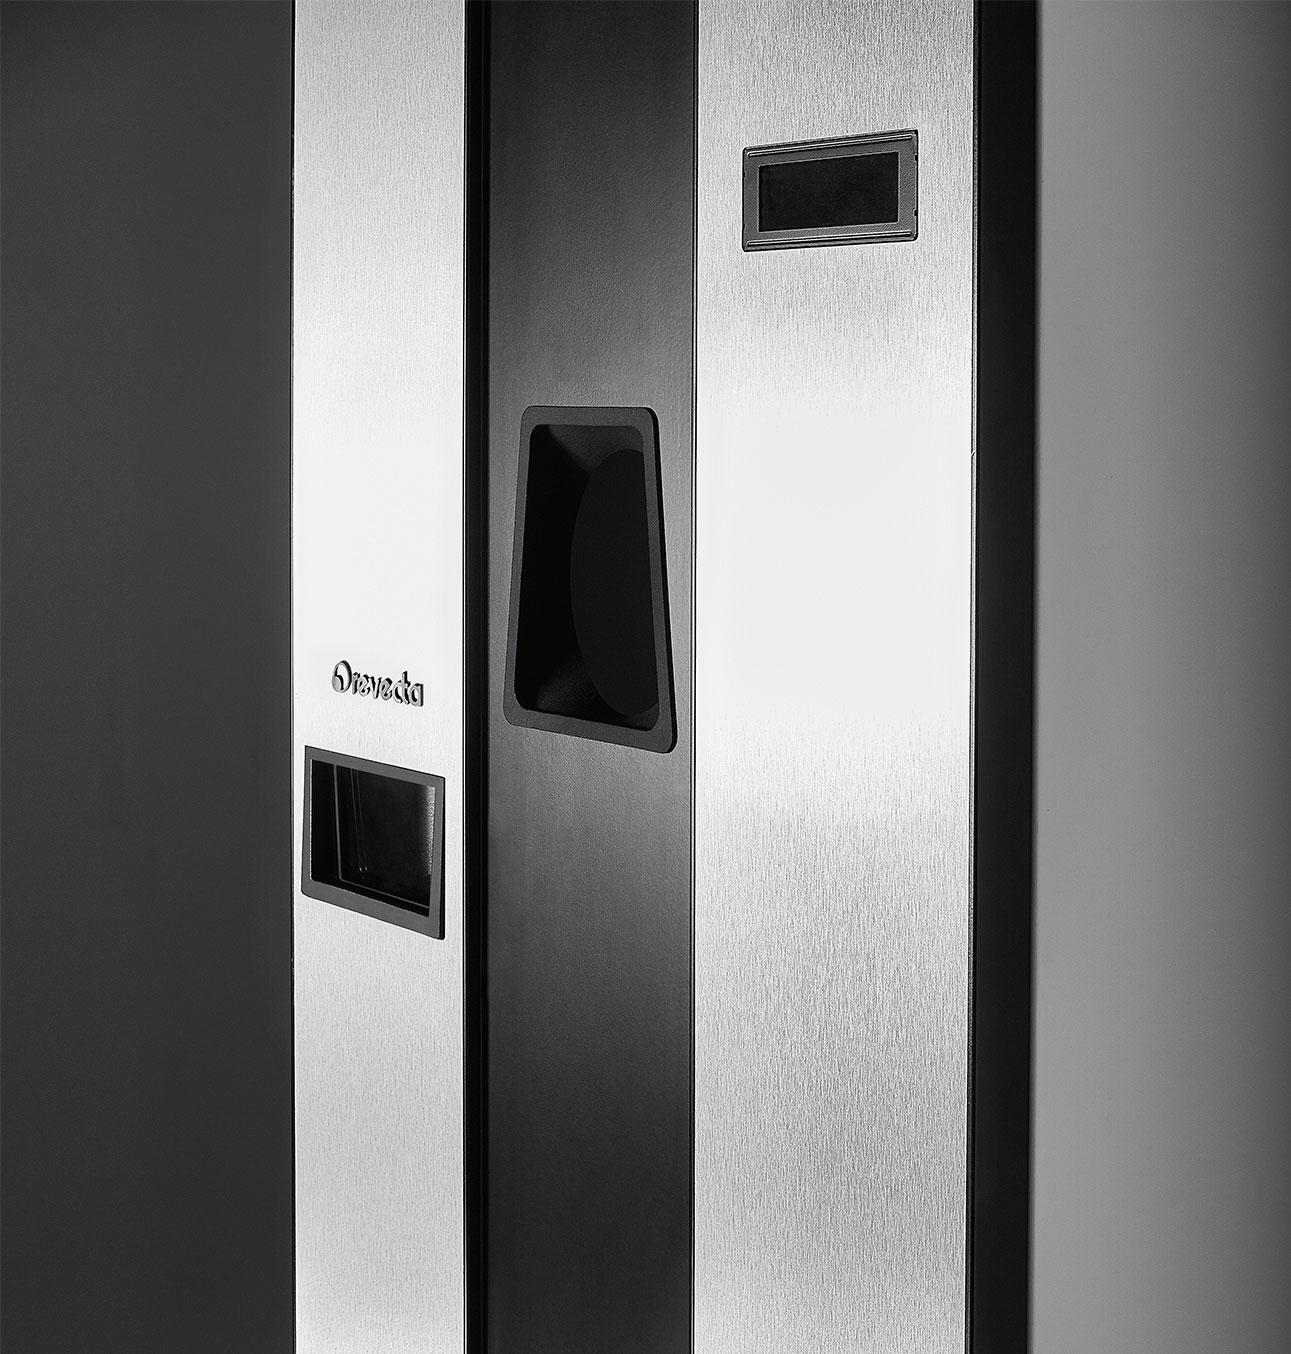 automat_parallax silber Design